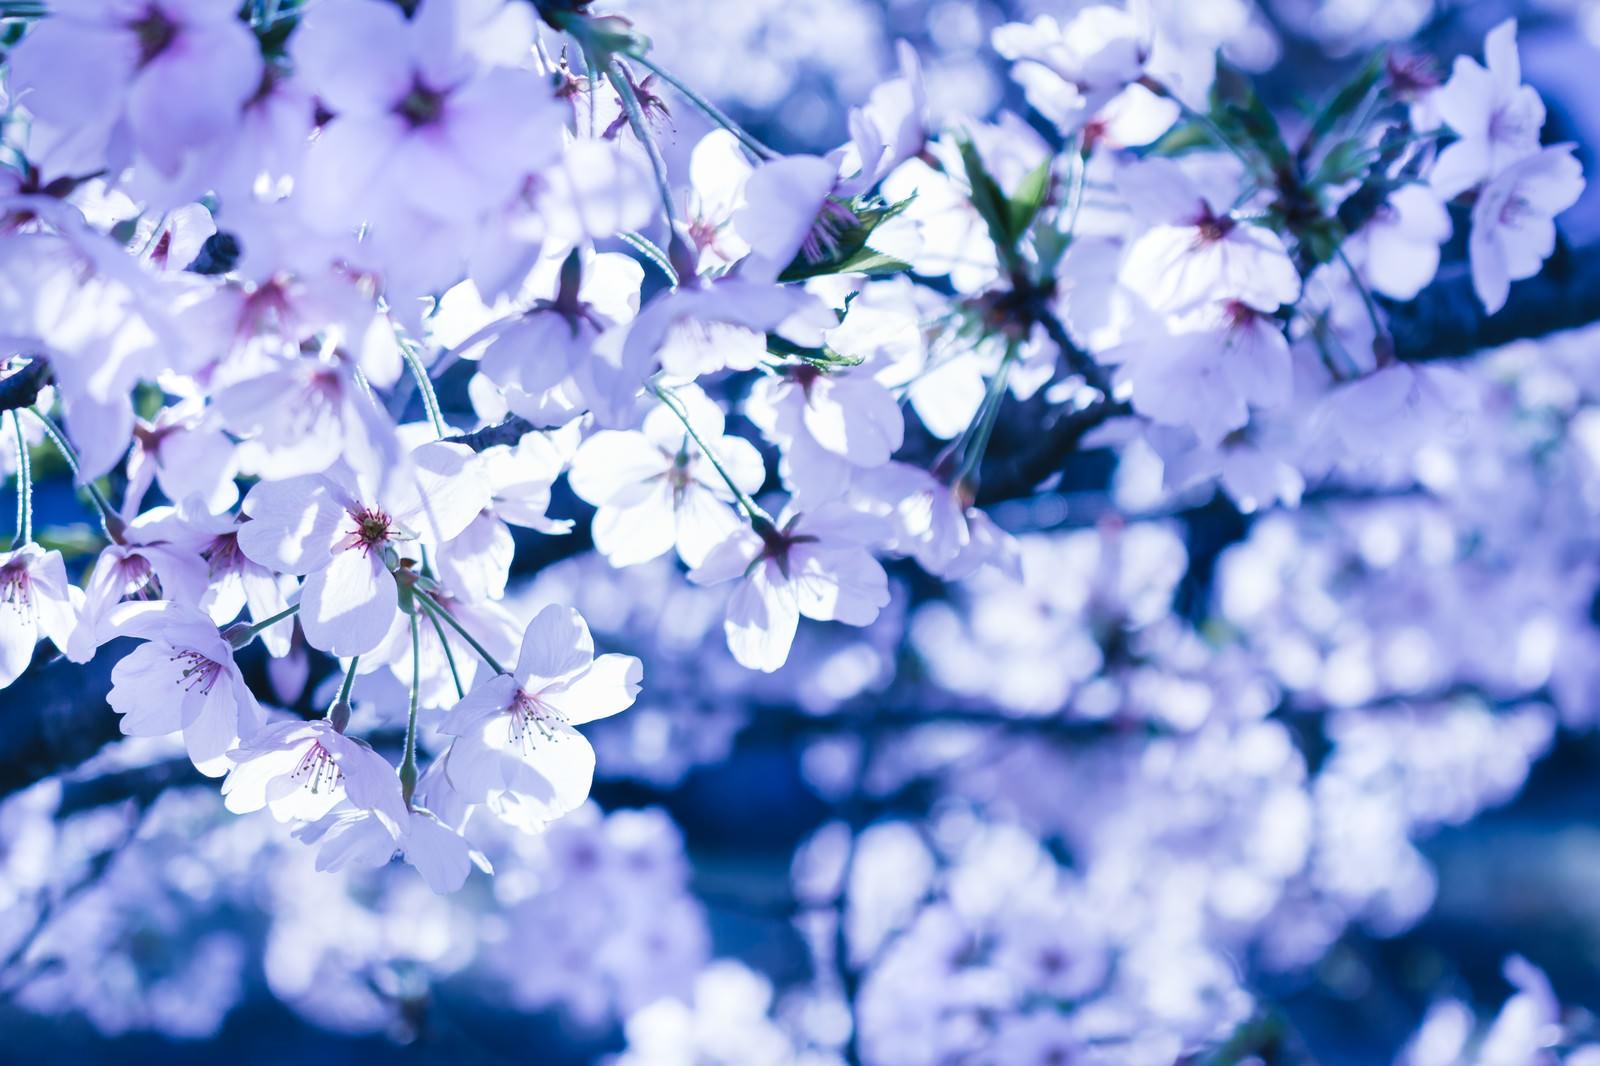 「冷たい桜 | 写真の無料素材・フリー素材 - ぱくたそ」の写真